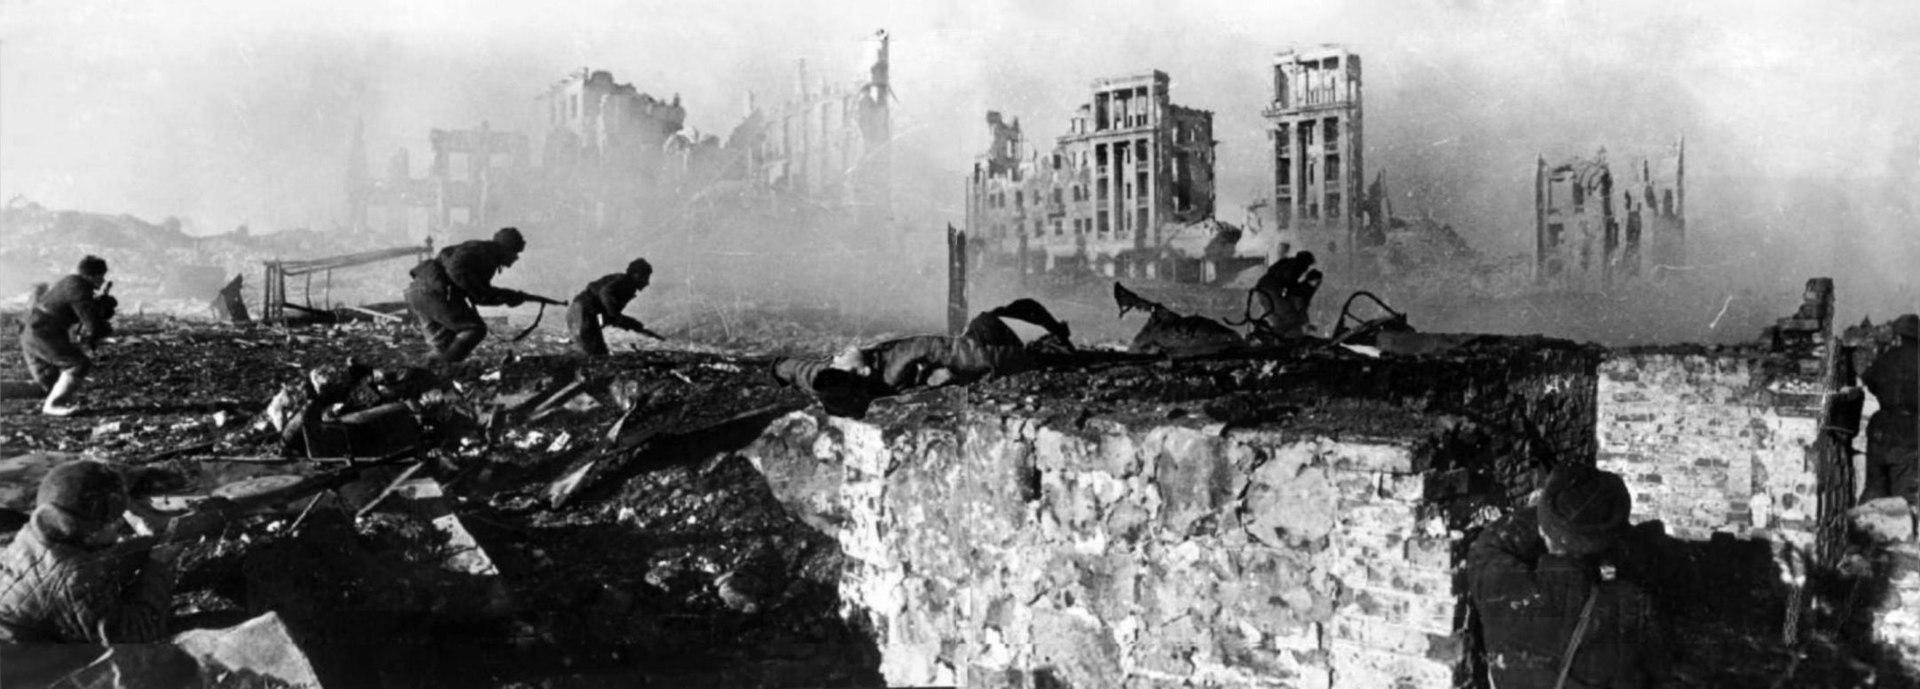 soldados soviéticos en Stalingrado